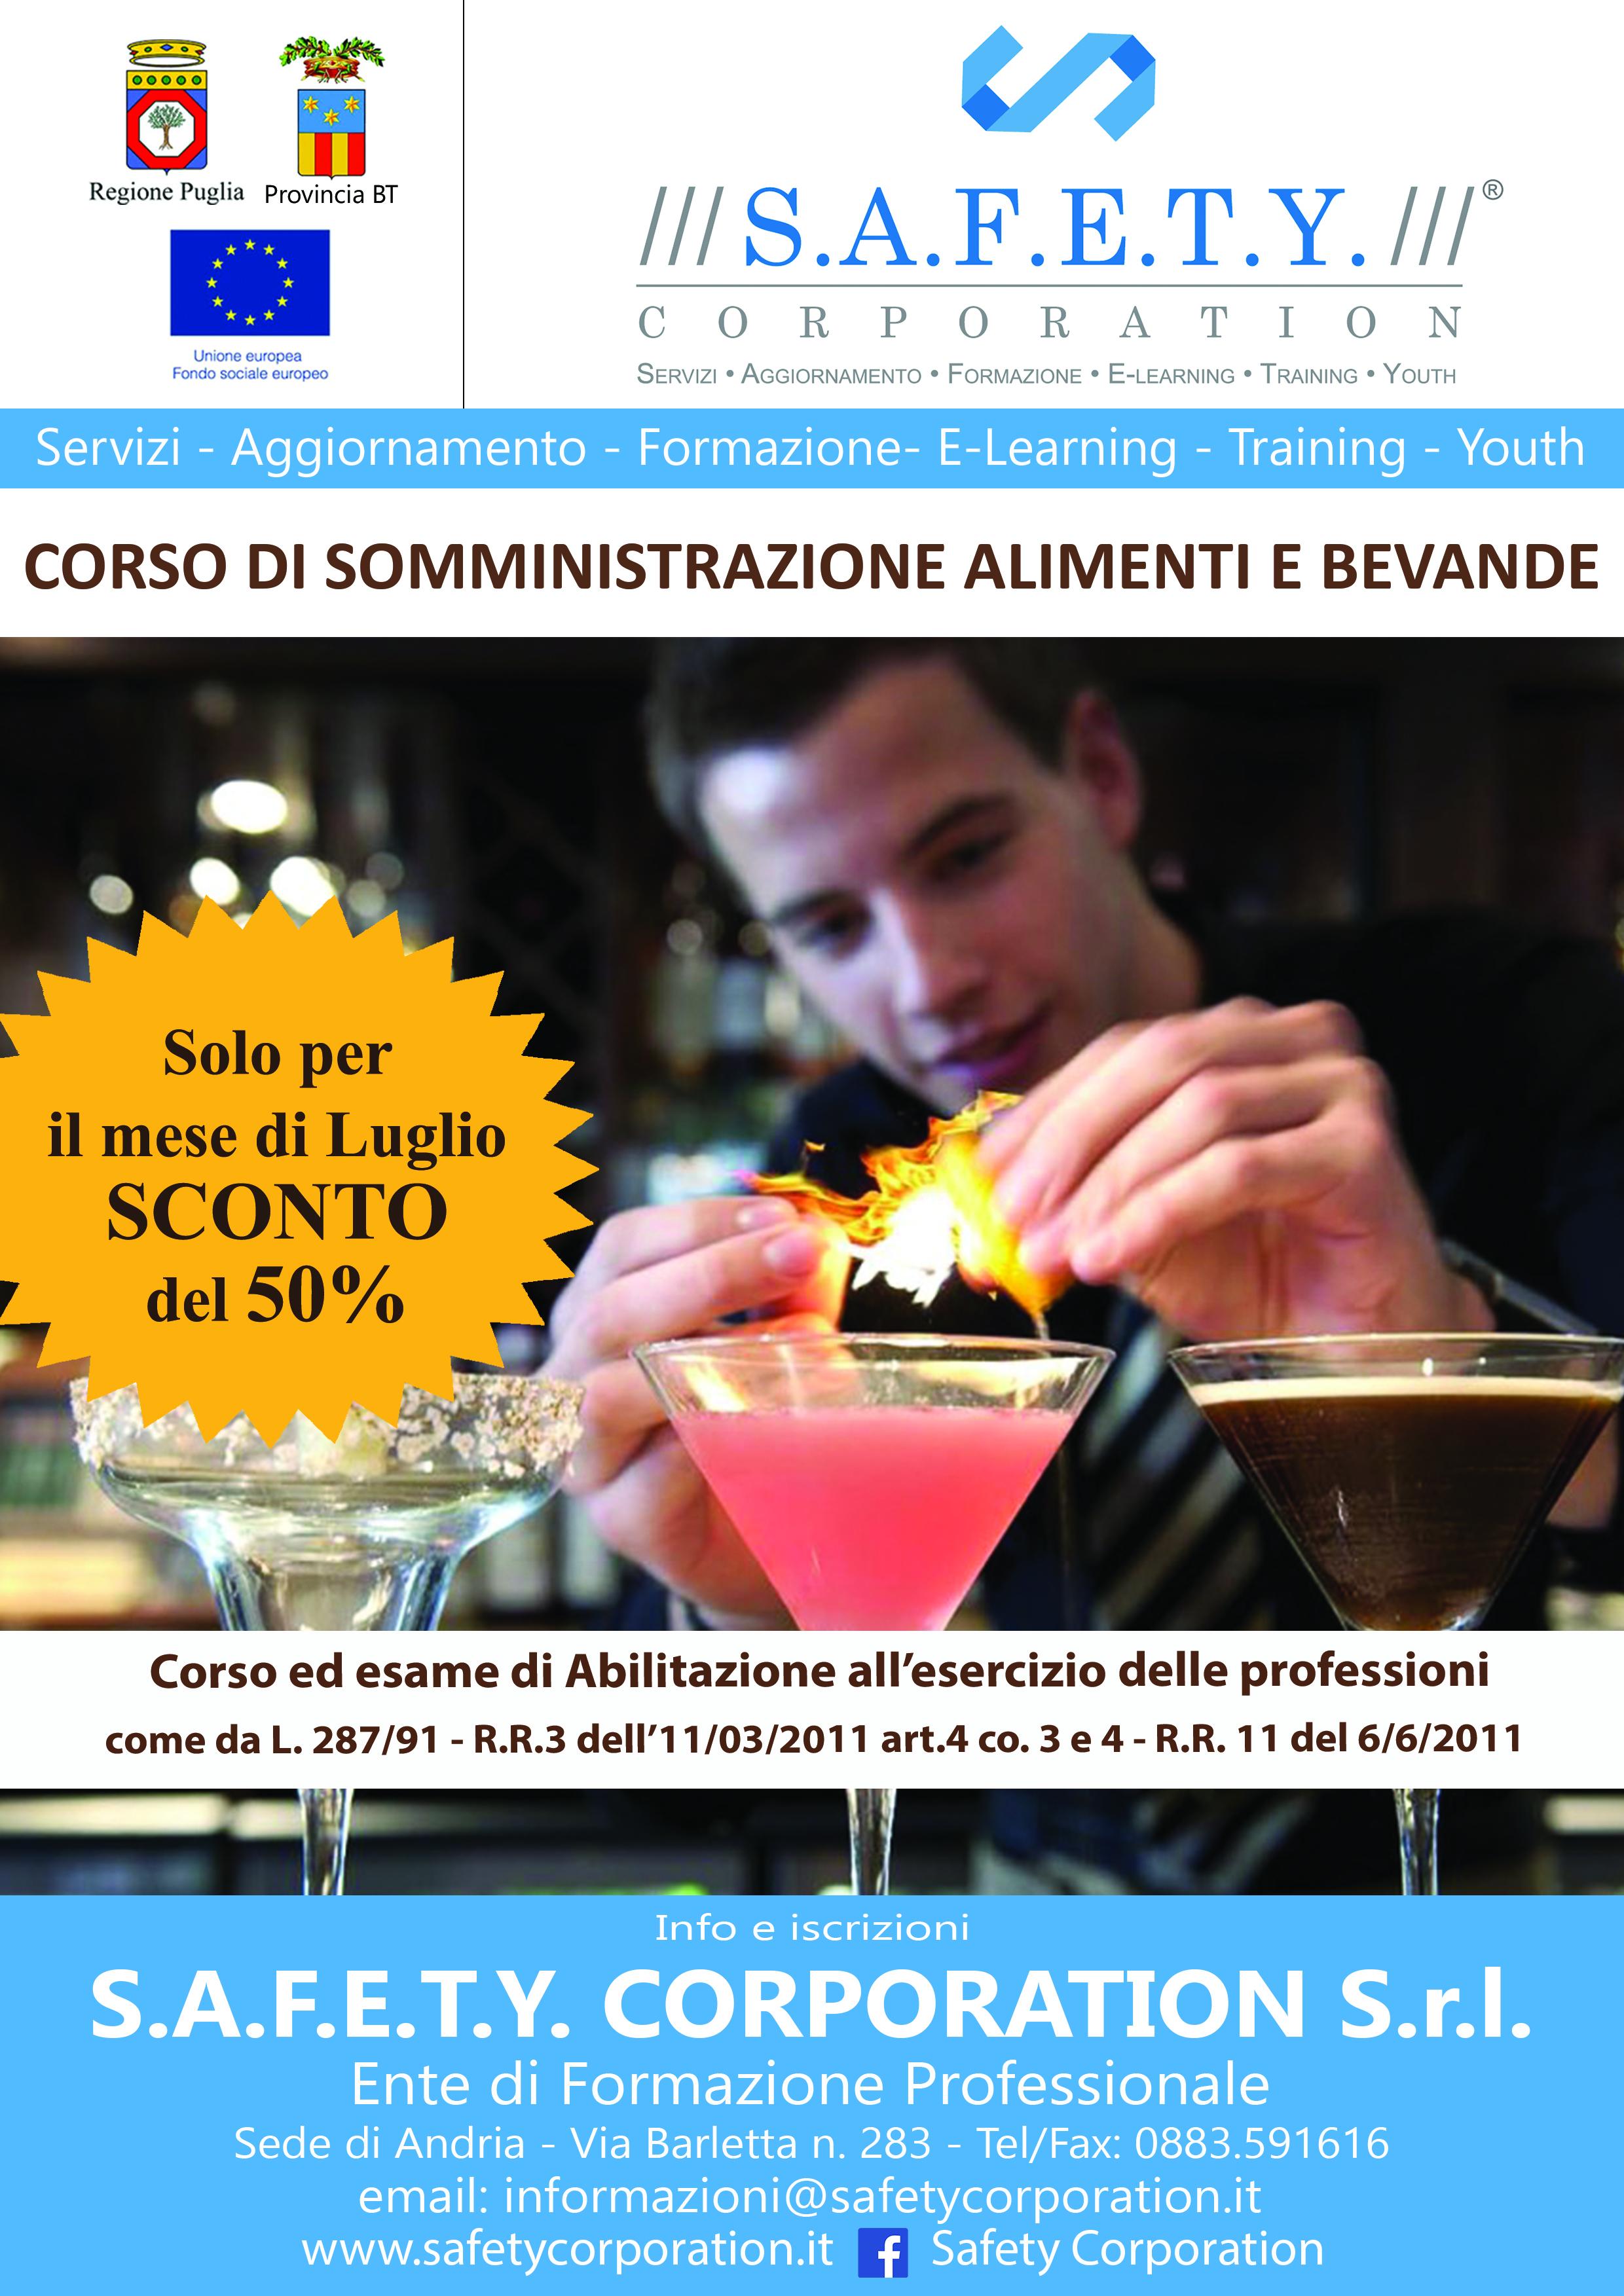 locandina SCONTO somministrazione alimenti e bevande ex R.E.C. nuova modificata modificato per mese di luglio